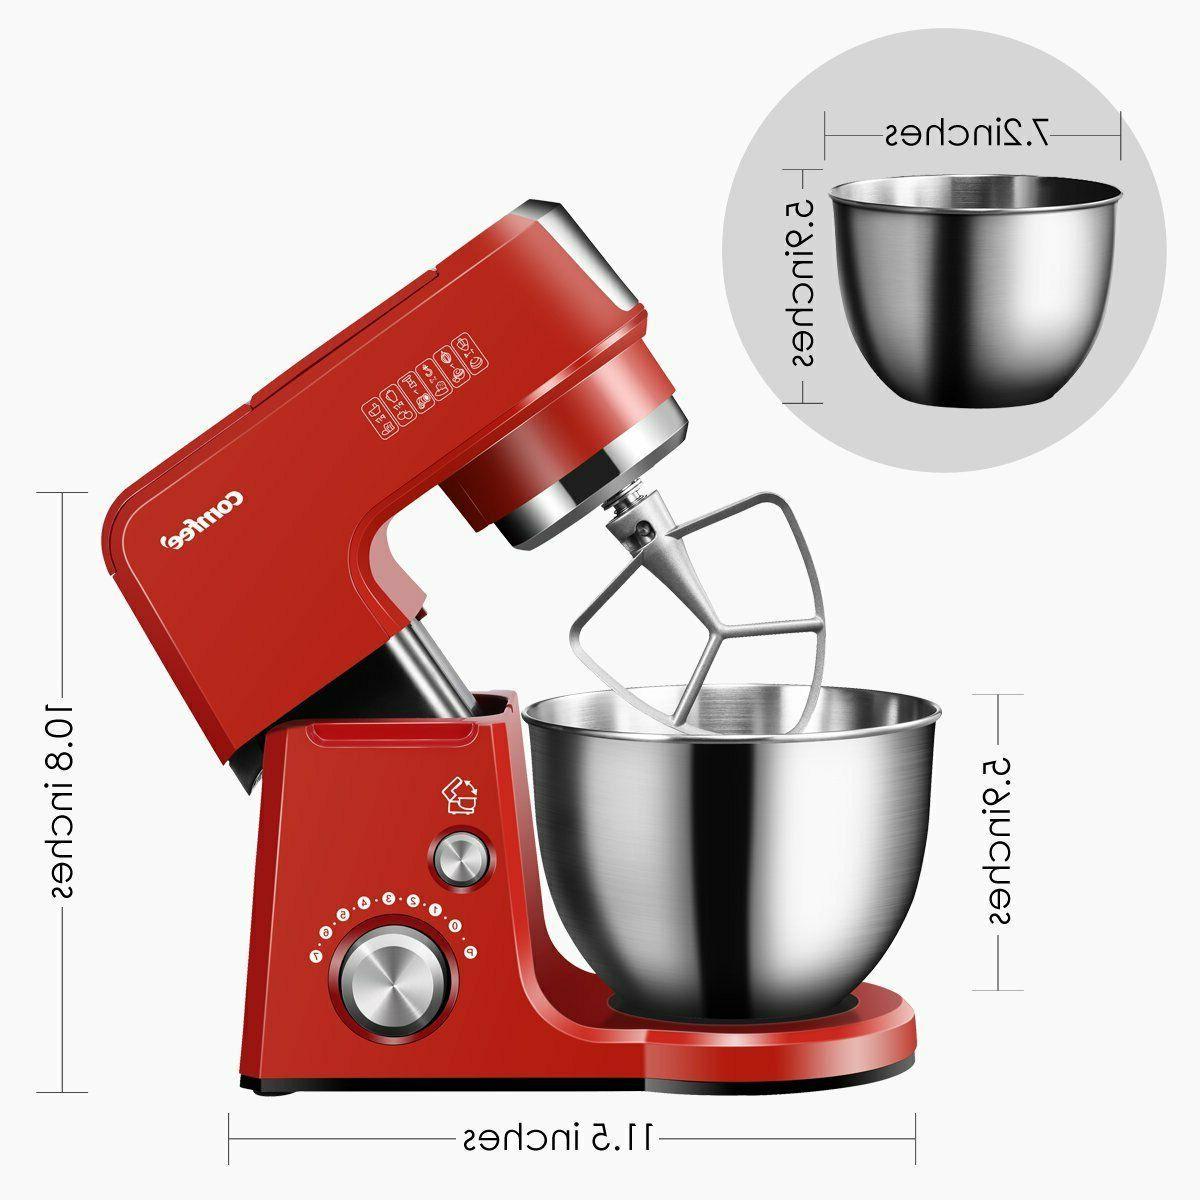 Comfee Kitchen Machine Cast Function Tilt-Head Stand